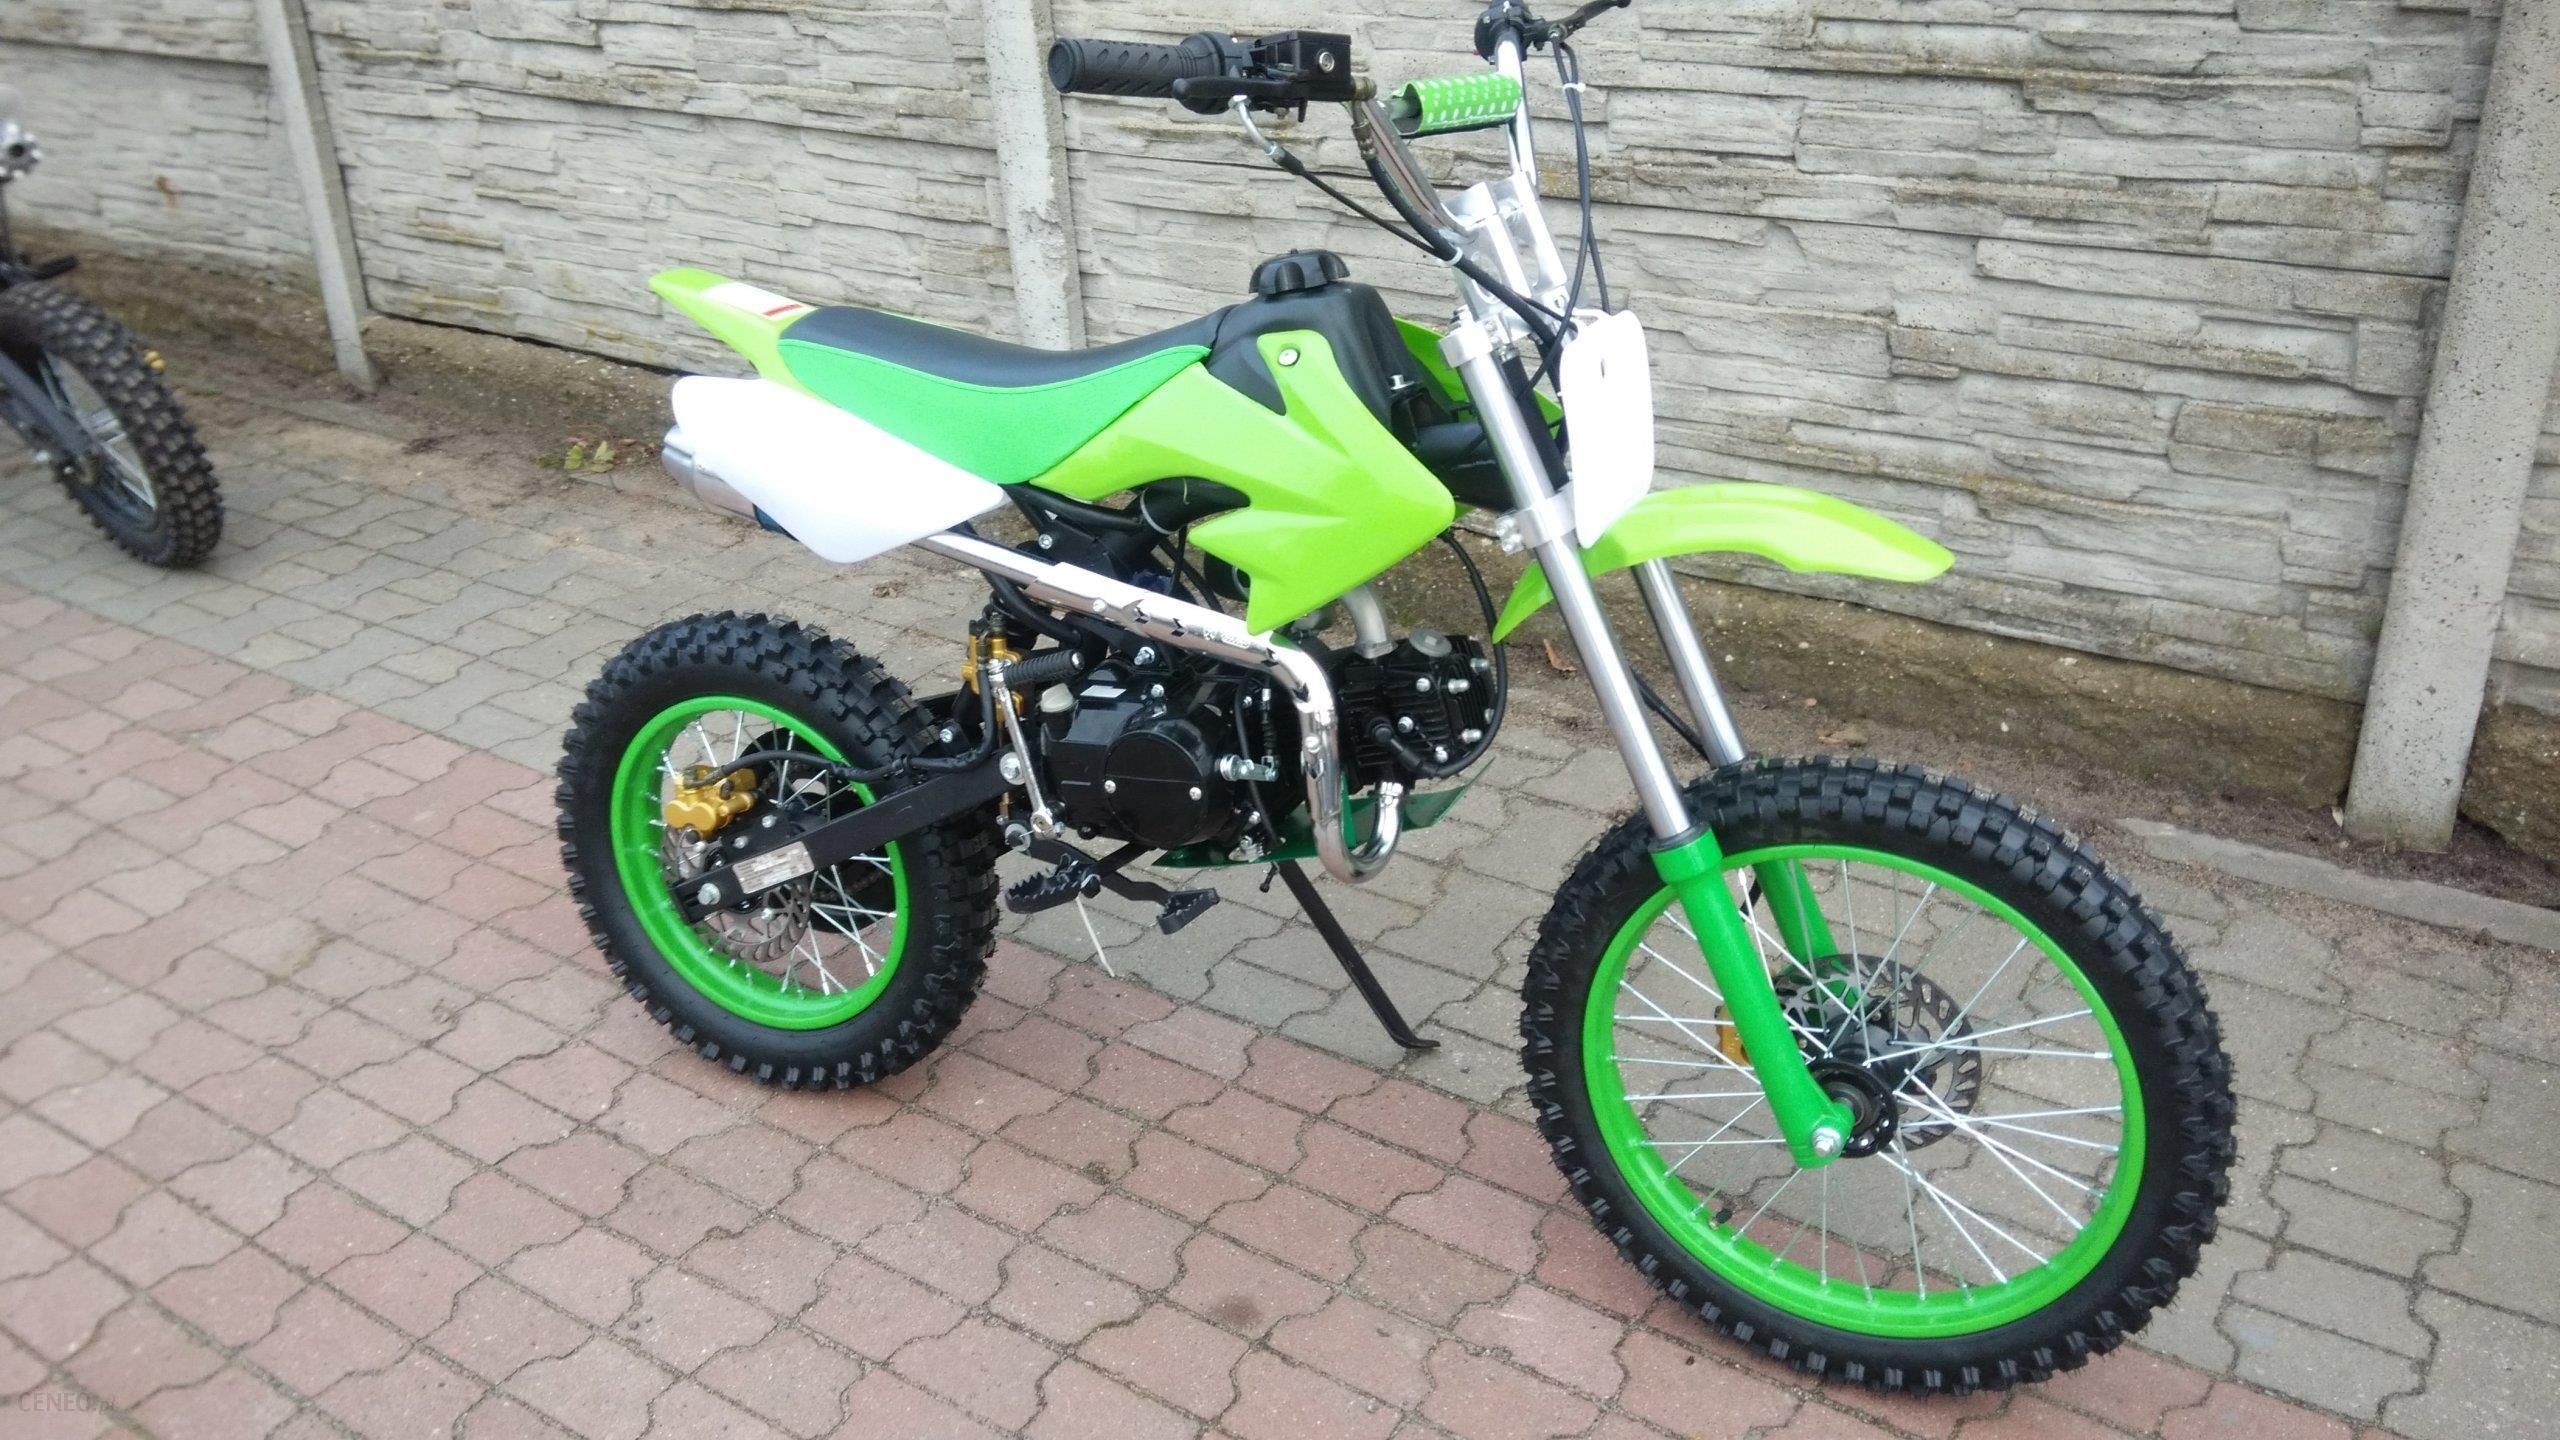 Cross 125cc Loncin Model 2019 Raty Nowy Gwarancja Opinie I Ceny Na Ceneo Pl